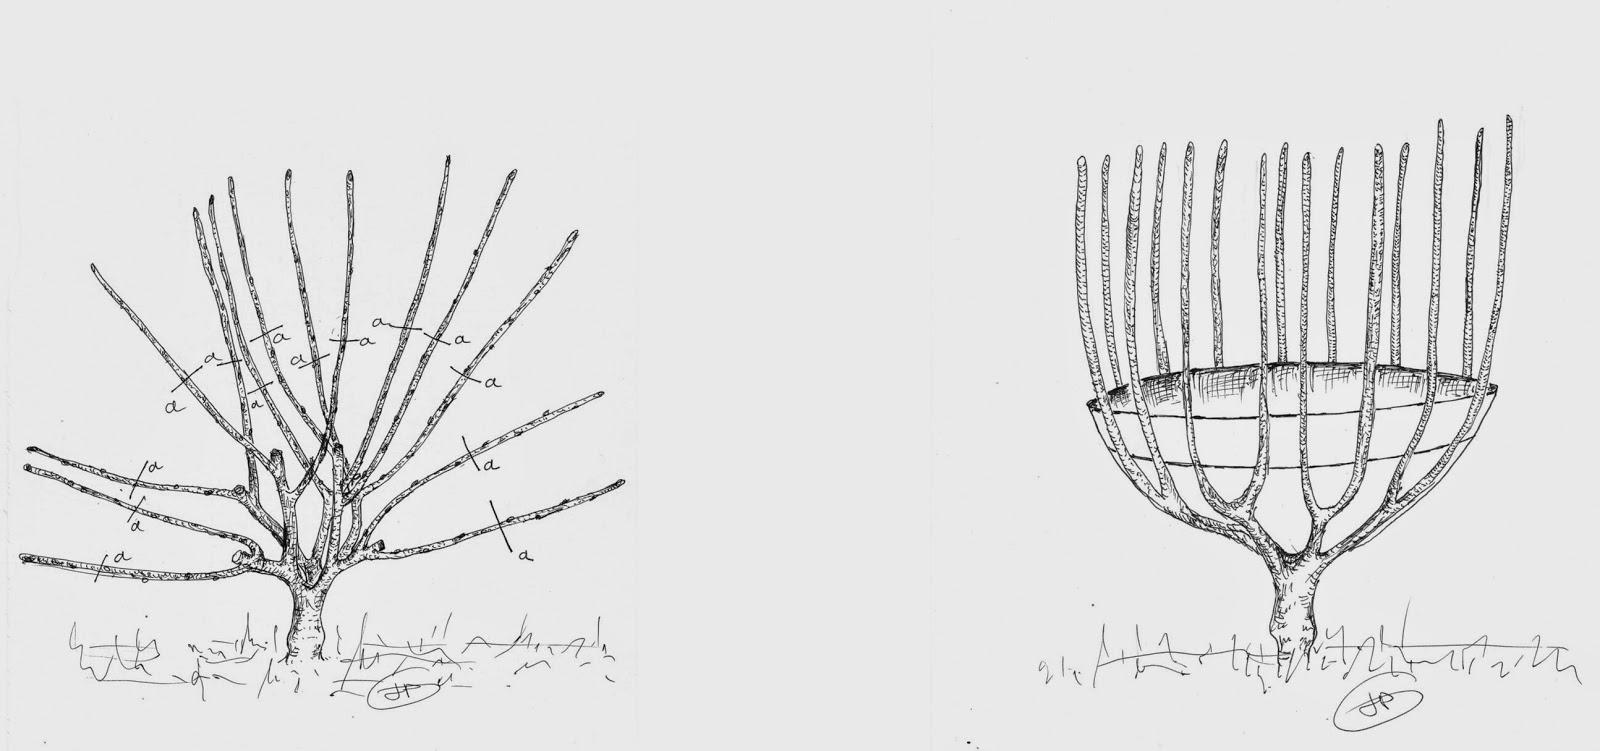 Les secrets de la taille et de la greffe des arbres - Taille des arbres fruitiers a noyaux ...